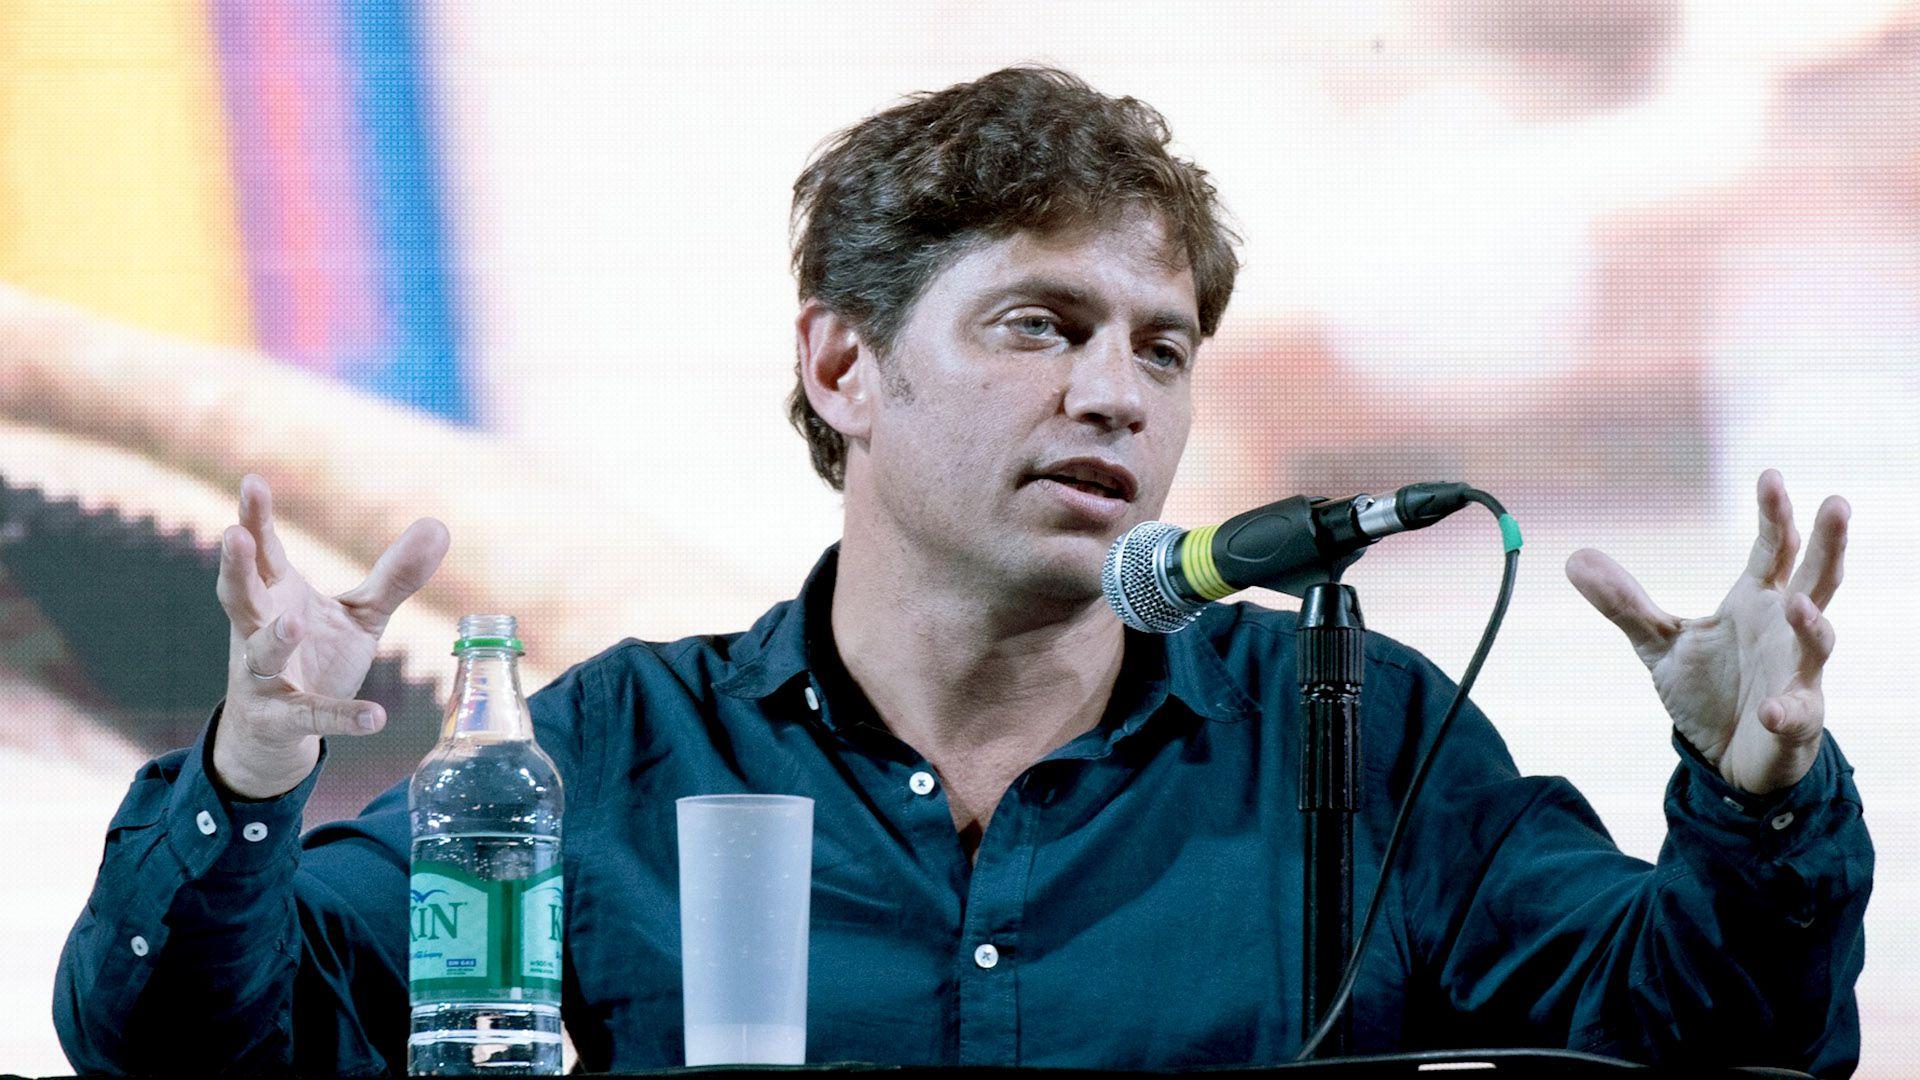 El ex ministro de Economía Axel Kicillof habló de control de capitales como una medida posible